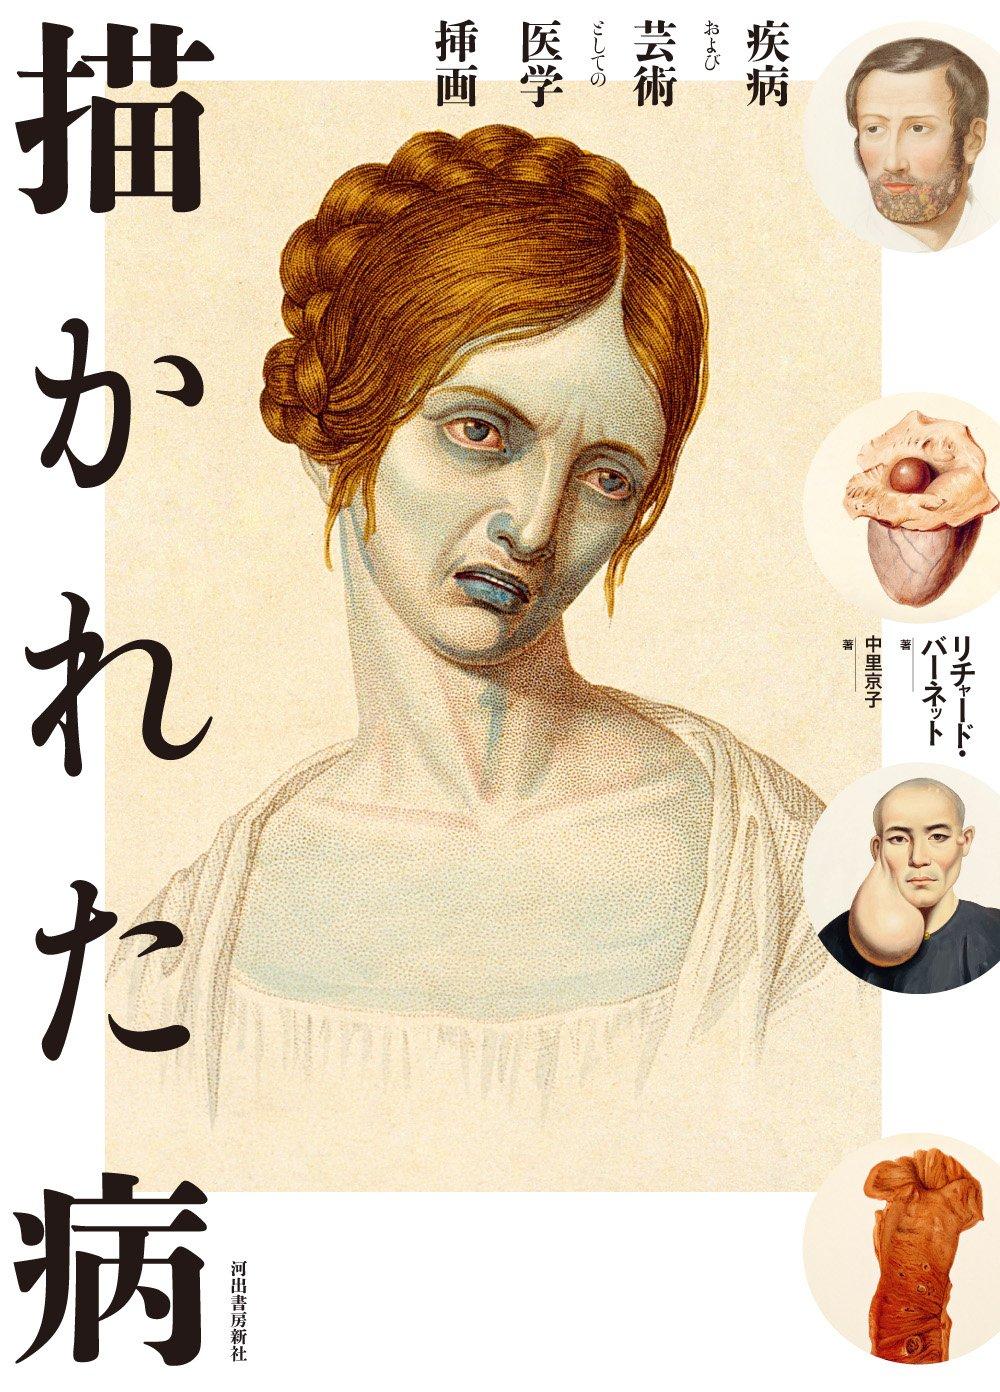 描かれた病―疾病および芸術としての医学挿画